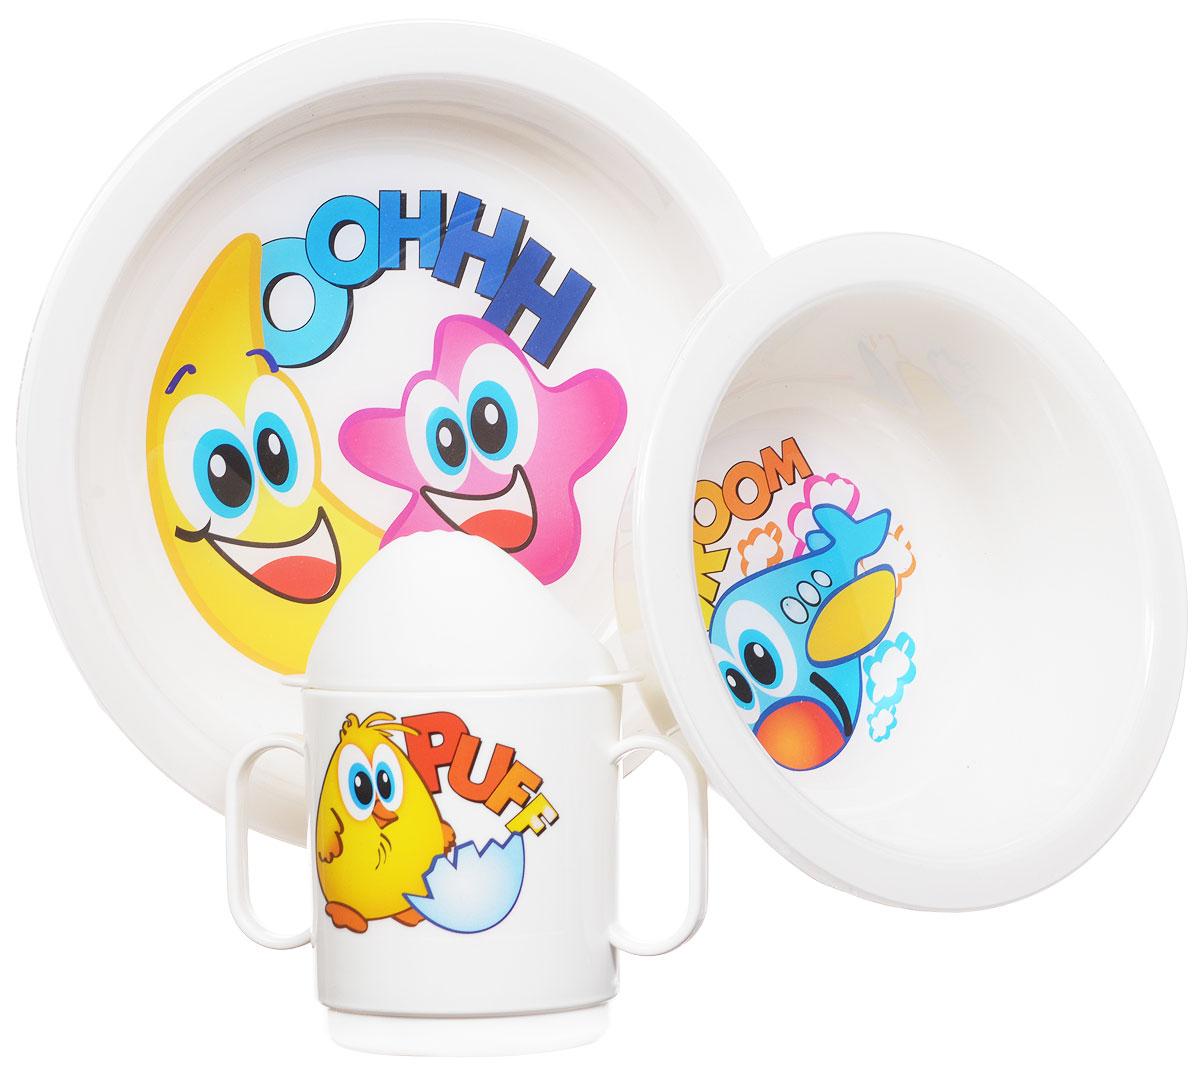 Cosmoplast Набор детской посуды Baby Tris Set 3 предметаSWC01-10Детский сервиз Baby Tris Set состоит из суповой тарелки, обеденной тарелки и чашки-поильника с двумя ручками. Яркие пластиковые тарелочки, оформленные красочными изображениями, прекрасно подойдут для кормления ребенка, или самостоятельного приема им пищи. Эргономичная форма позволит удобно держать тарелки во время кормления. Чашка-поильник со съемной крышечкой имеет две удобные ручки. Все предметы набора изготовлены из высококачественного пищевого пластика по специальной технологии, которая гарантирует простоту ухода, прочность и безопасность изделий для детей. Предметы сервиза оформлены красочными рисунками, которые обязательно понравятся вашему малышу.Элементы набора не содержат бисфенол-А. Уважаемые клиенты!Обращаем ваше внимание на возможные варьирования в дизайне товара. Поставка возможна в зависимости от наличия на складе.